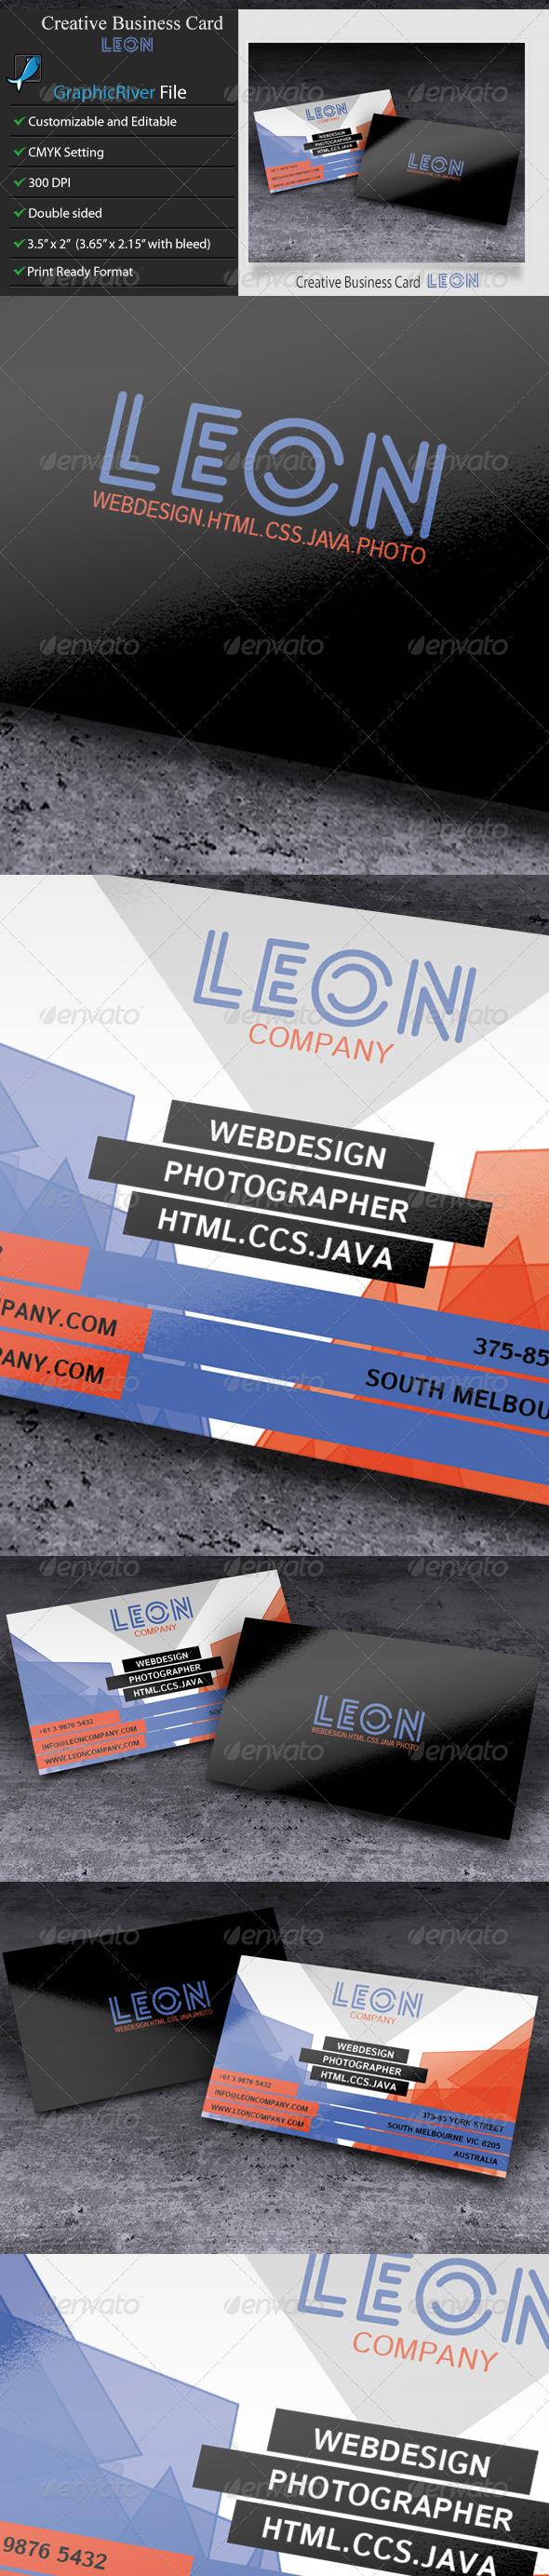 GraphicRiver Creative Business Card Leon 5962472